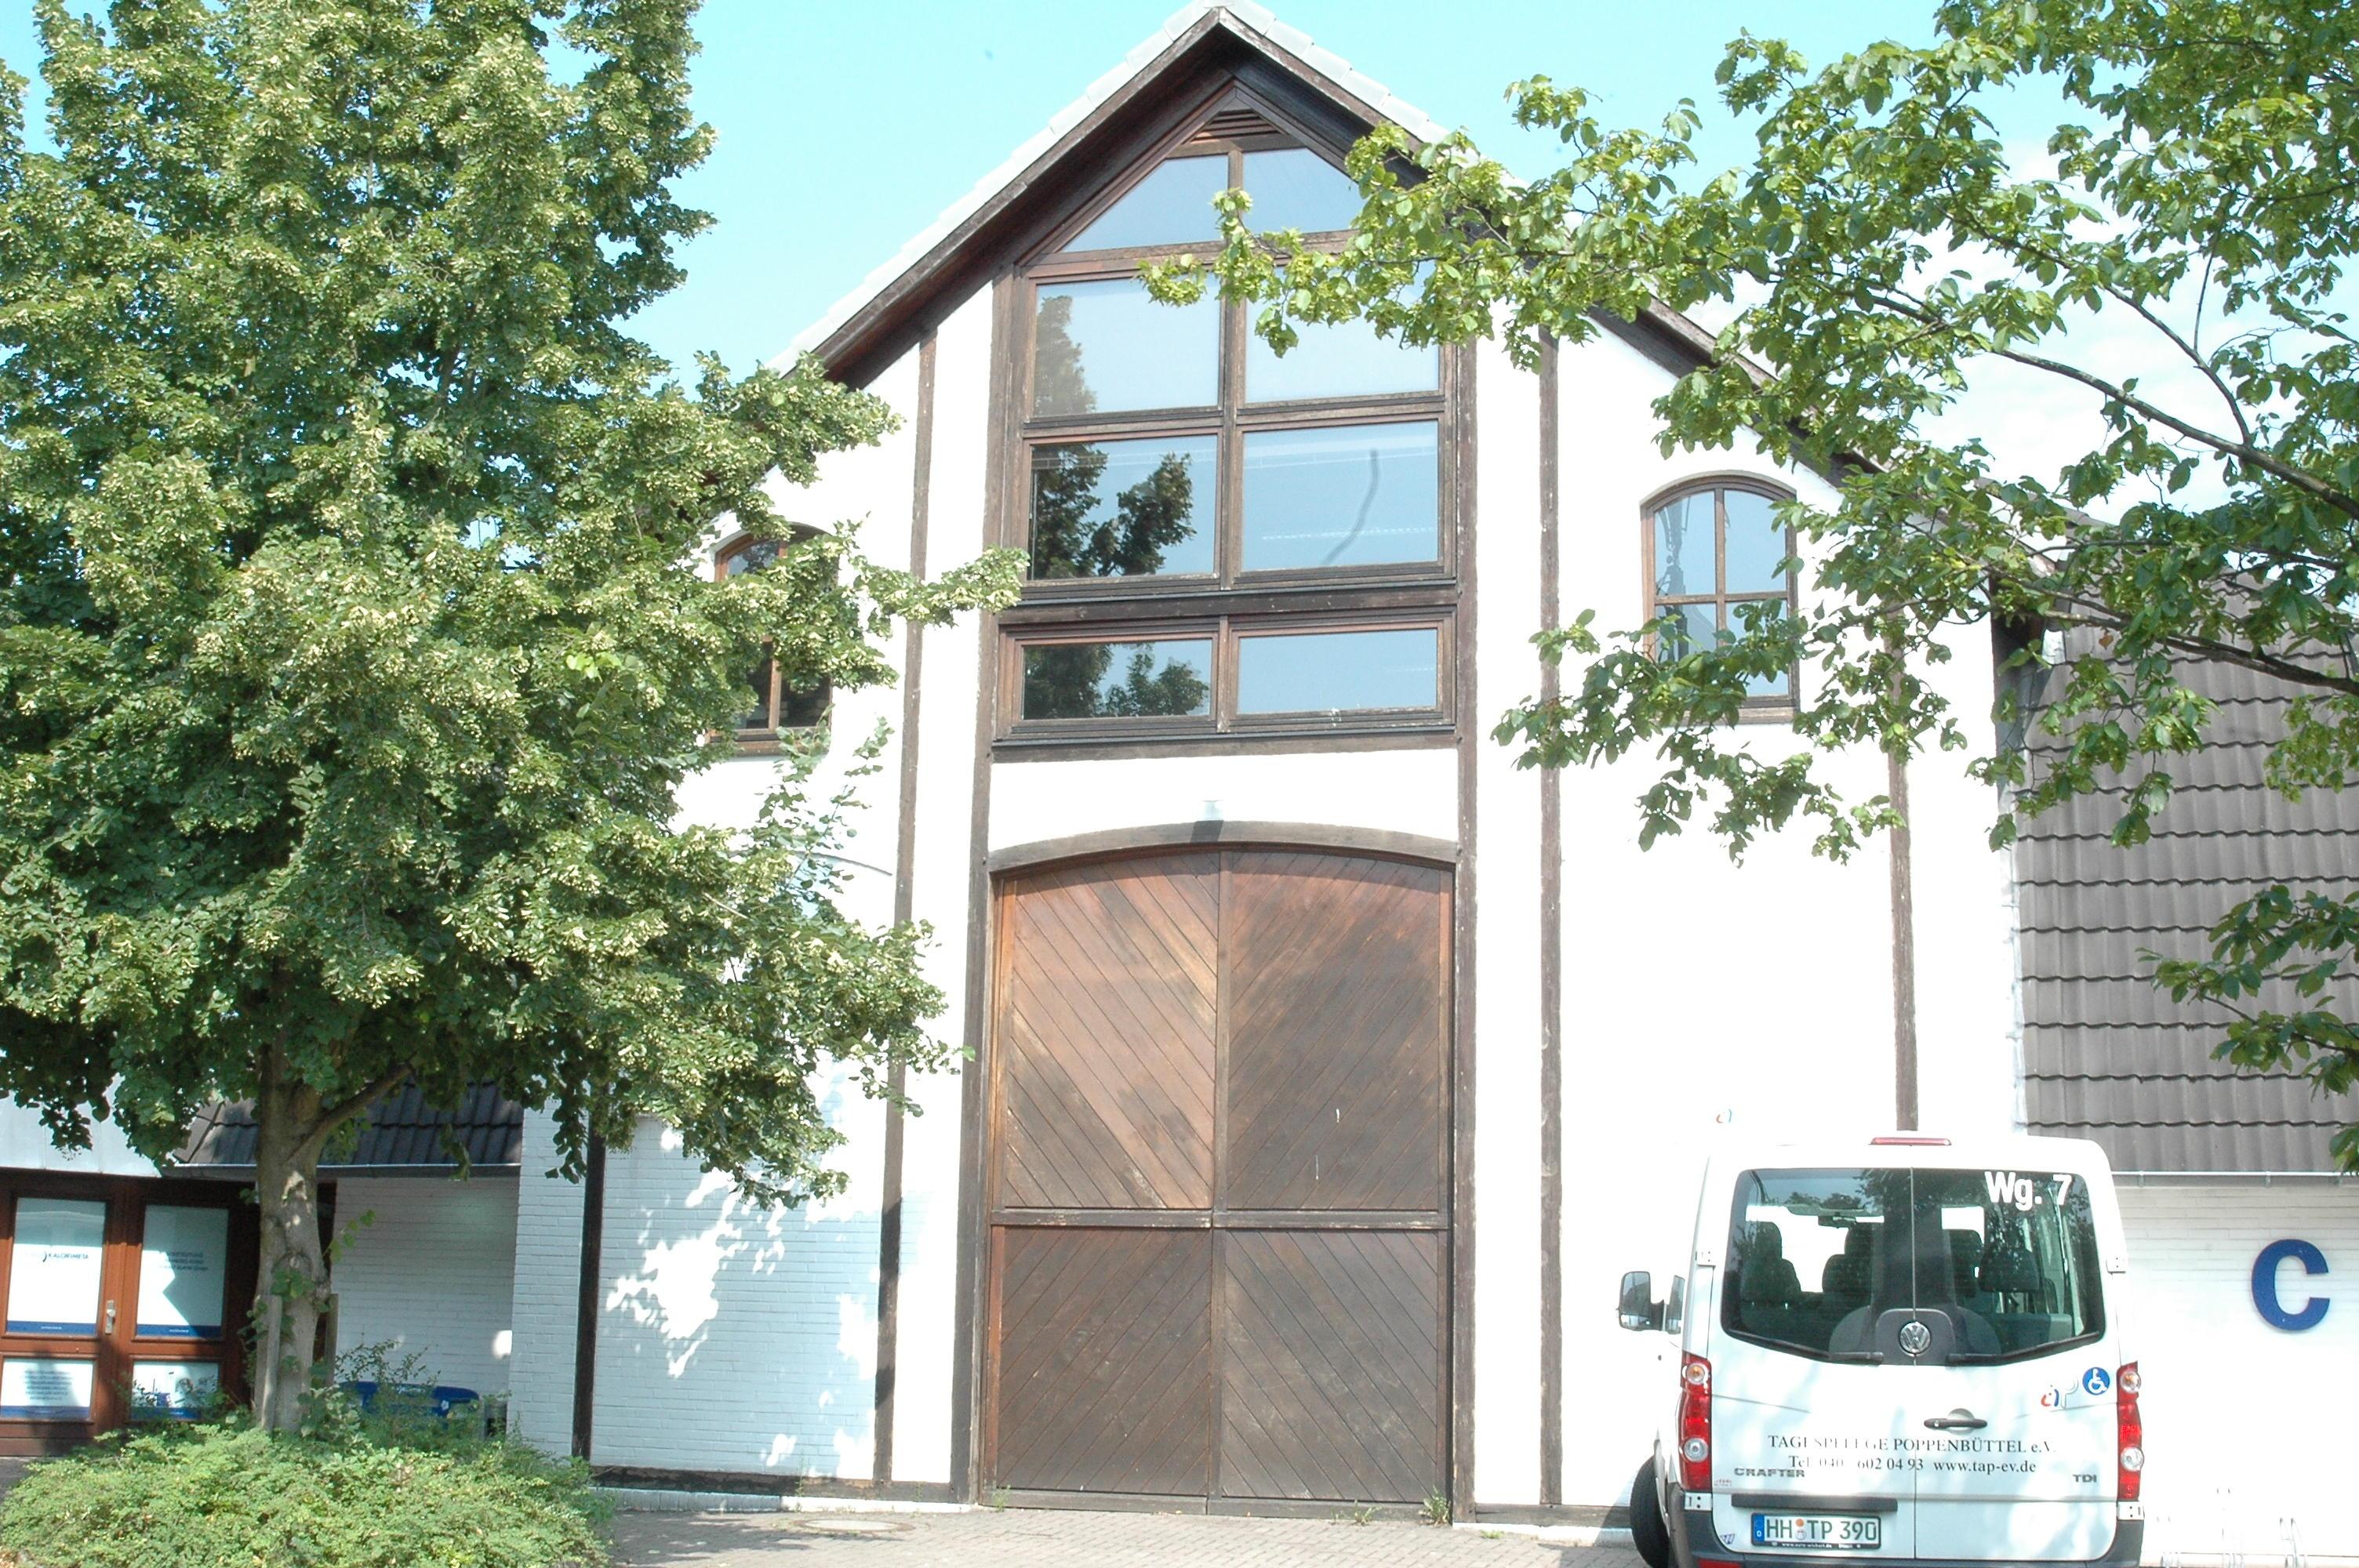 TaP - Tagespflege Poppenbüttel gemeinnützige GmbH